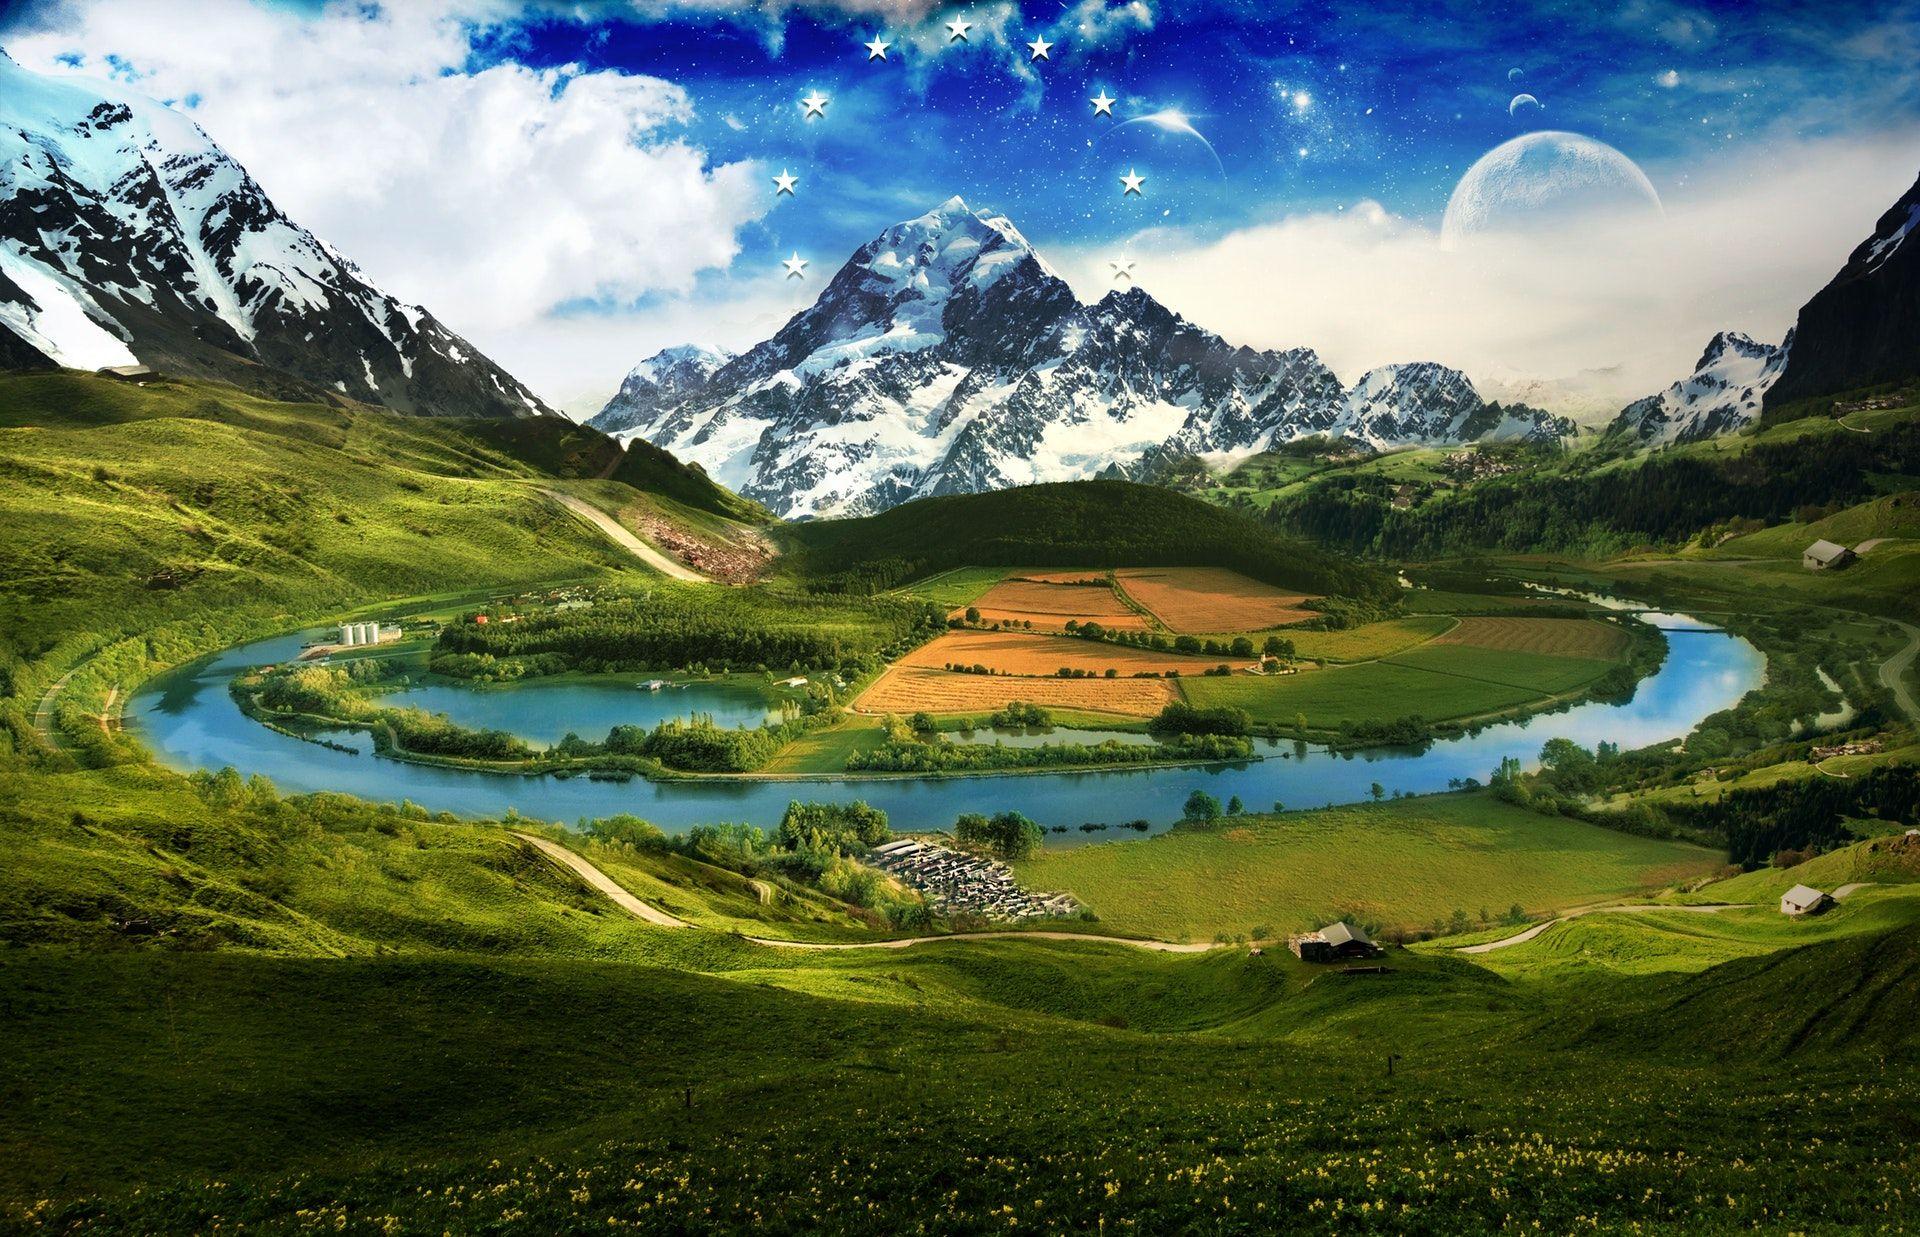 عکس زمینه میدان سبز در طبیعت پس زمینه